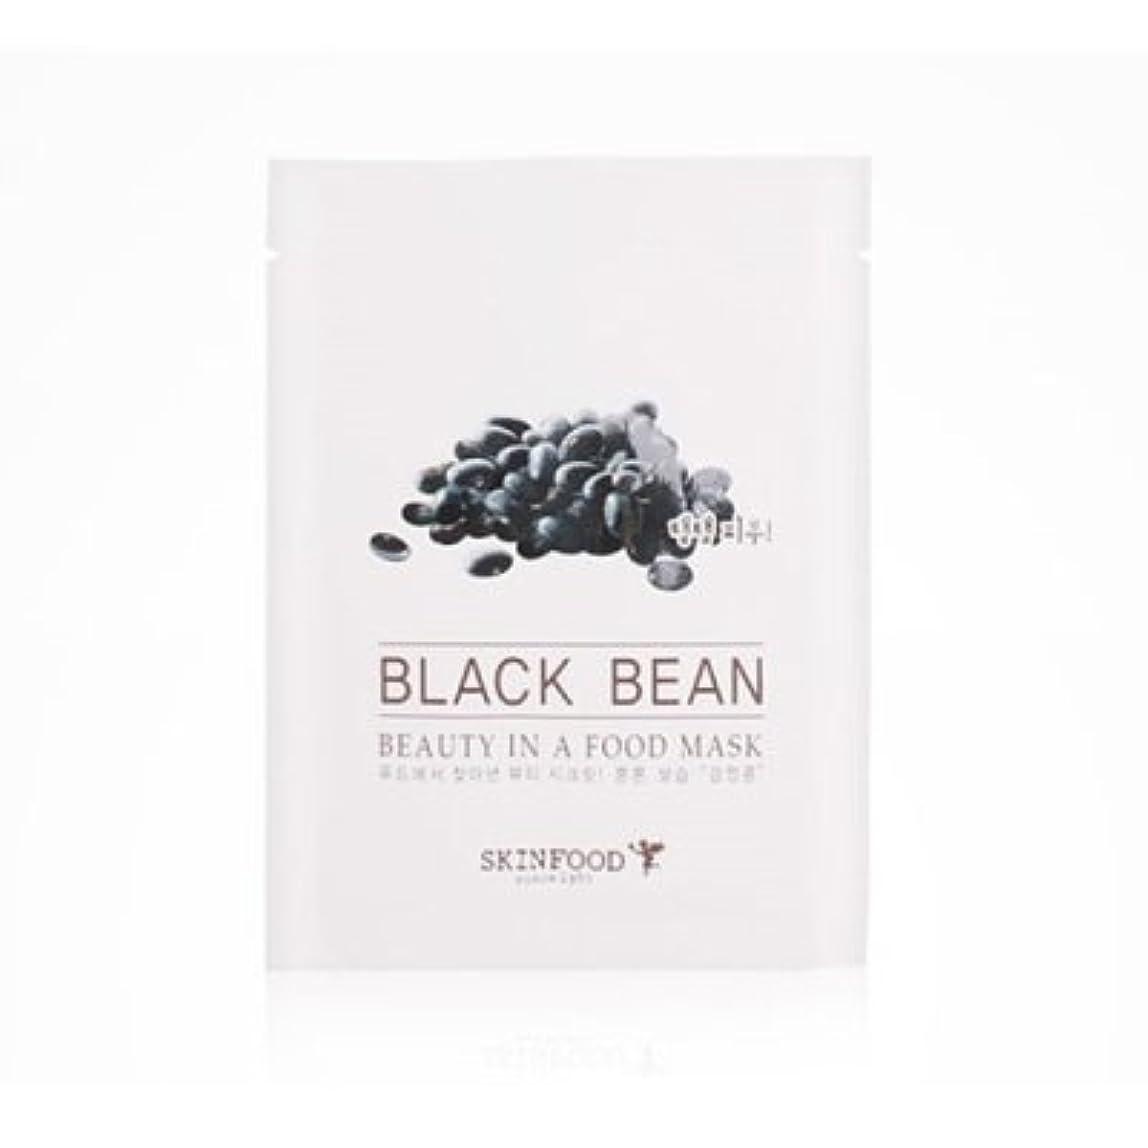 四分円チャネルクレデンシャルSKINFOOD Beauty in a Food Mask Sheet 5EA (BLACK BEAN) / スキンフード ビューティー イン ア フード マスクシート [並行輸入品]